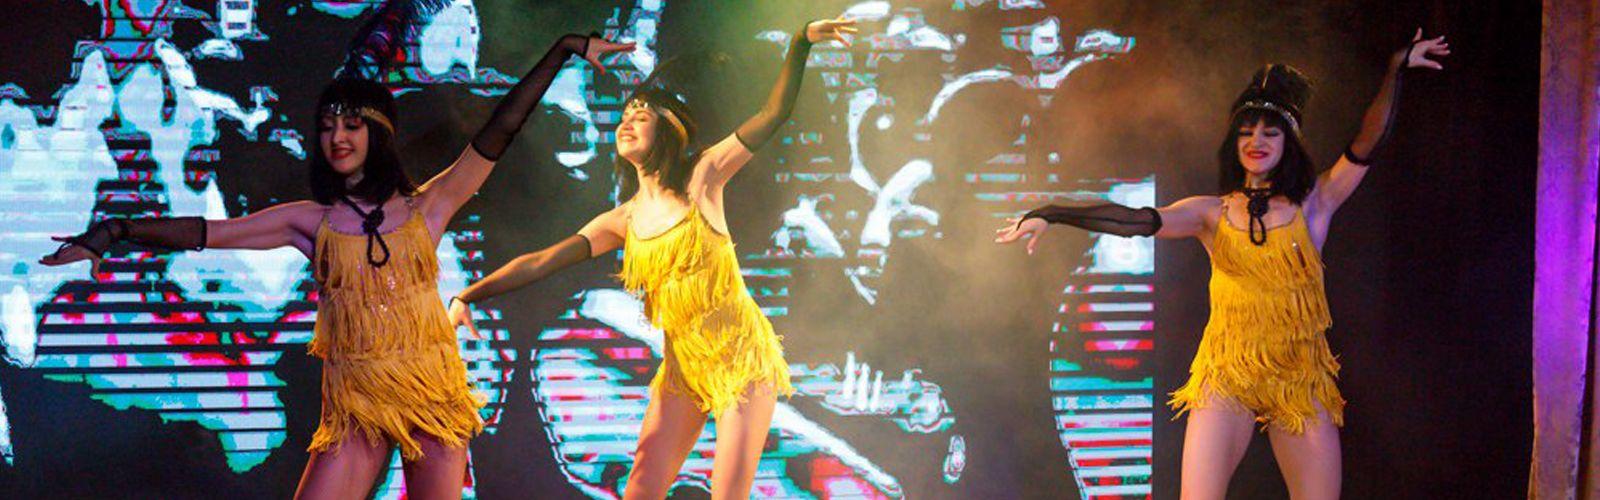 Шестой прямой эфир (Суперфинал и гала-концерт) - 29 декабря - Страница 11 Champagne_party_4